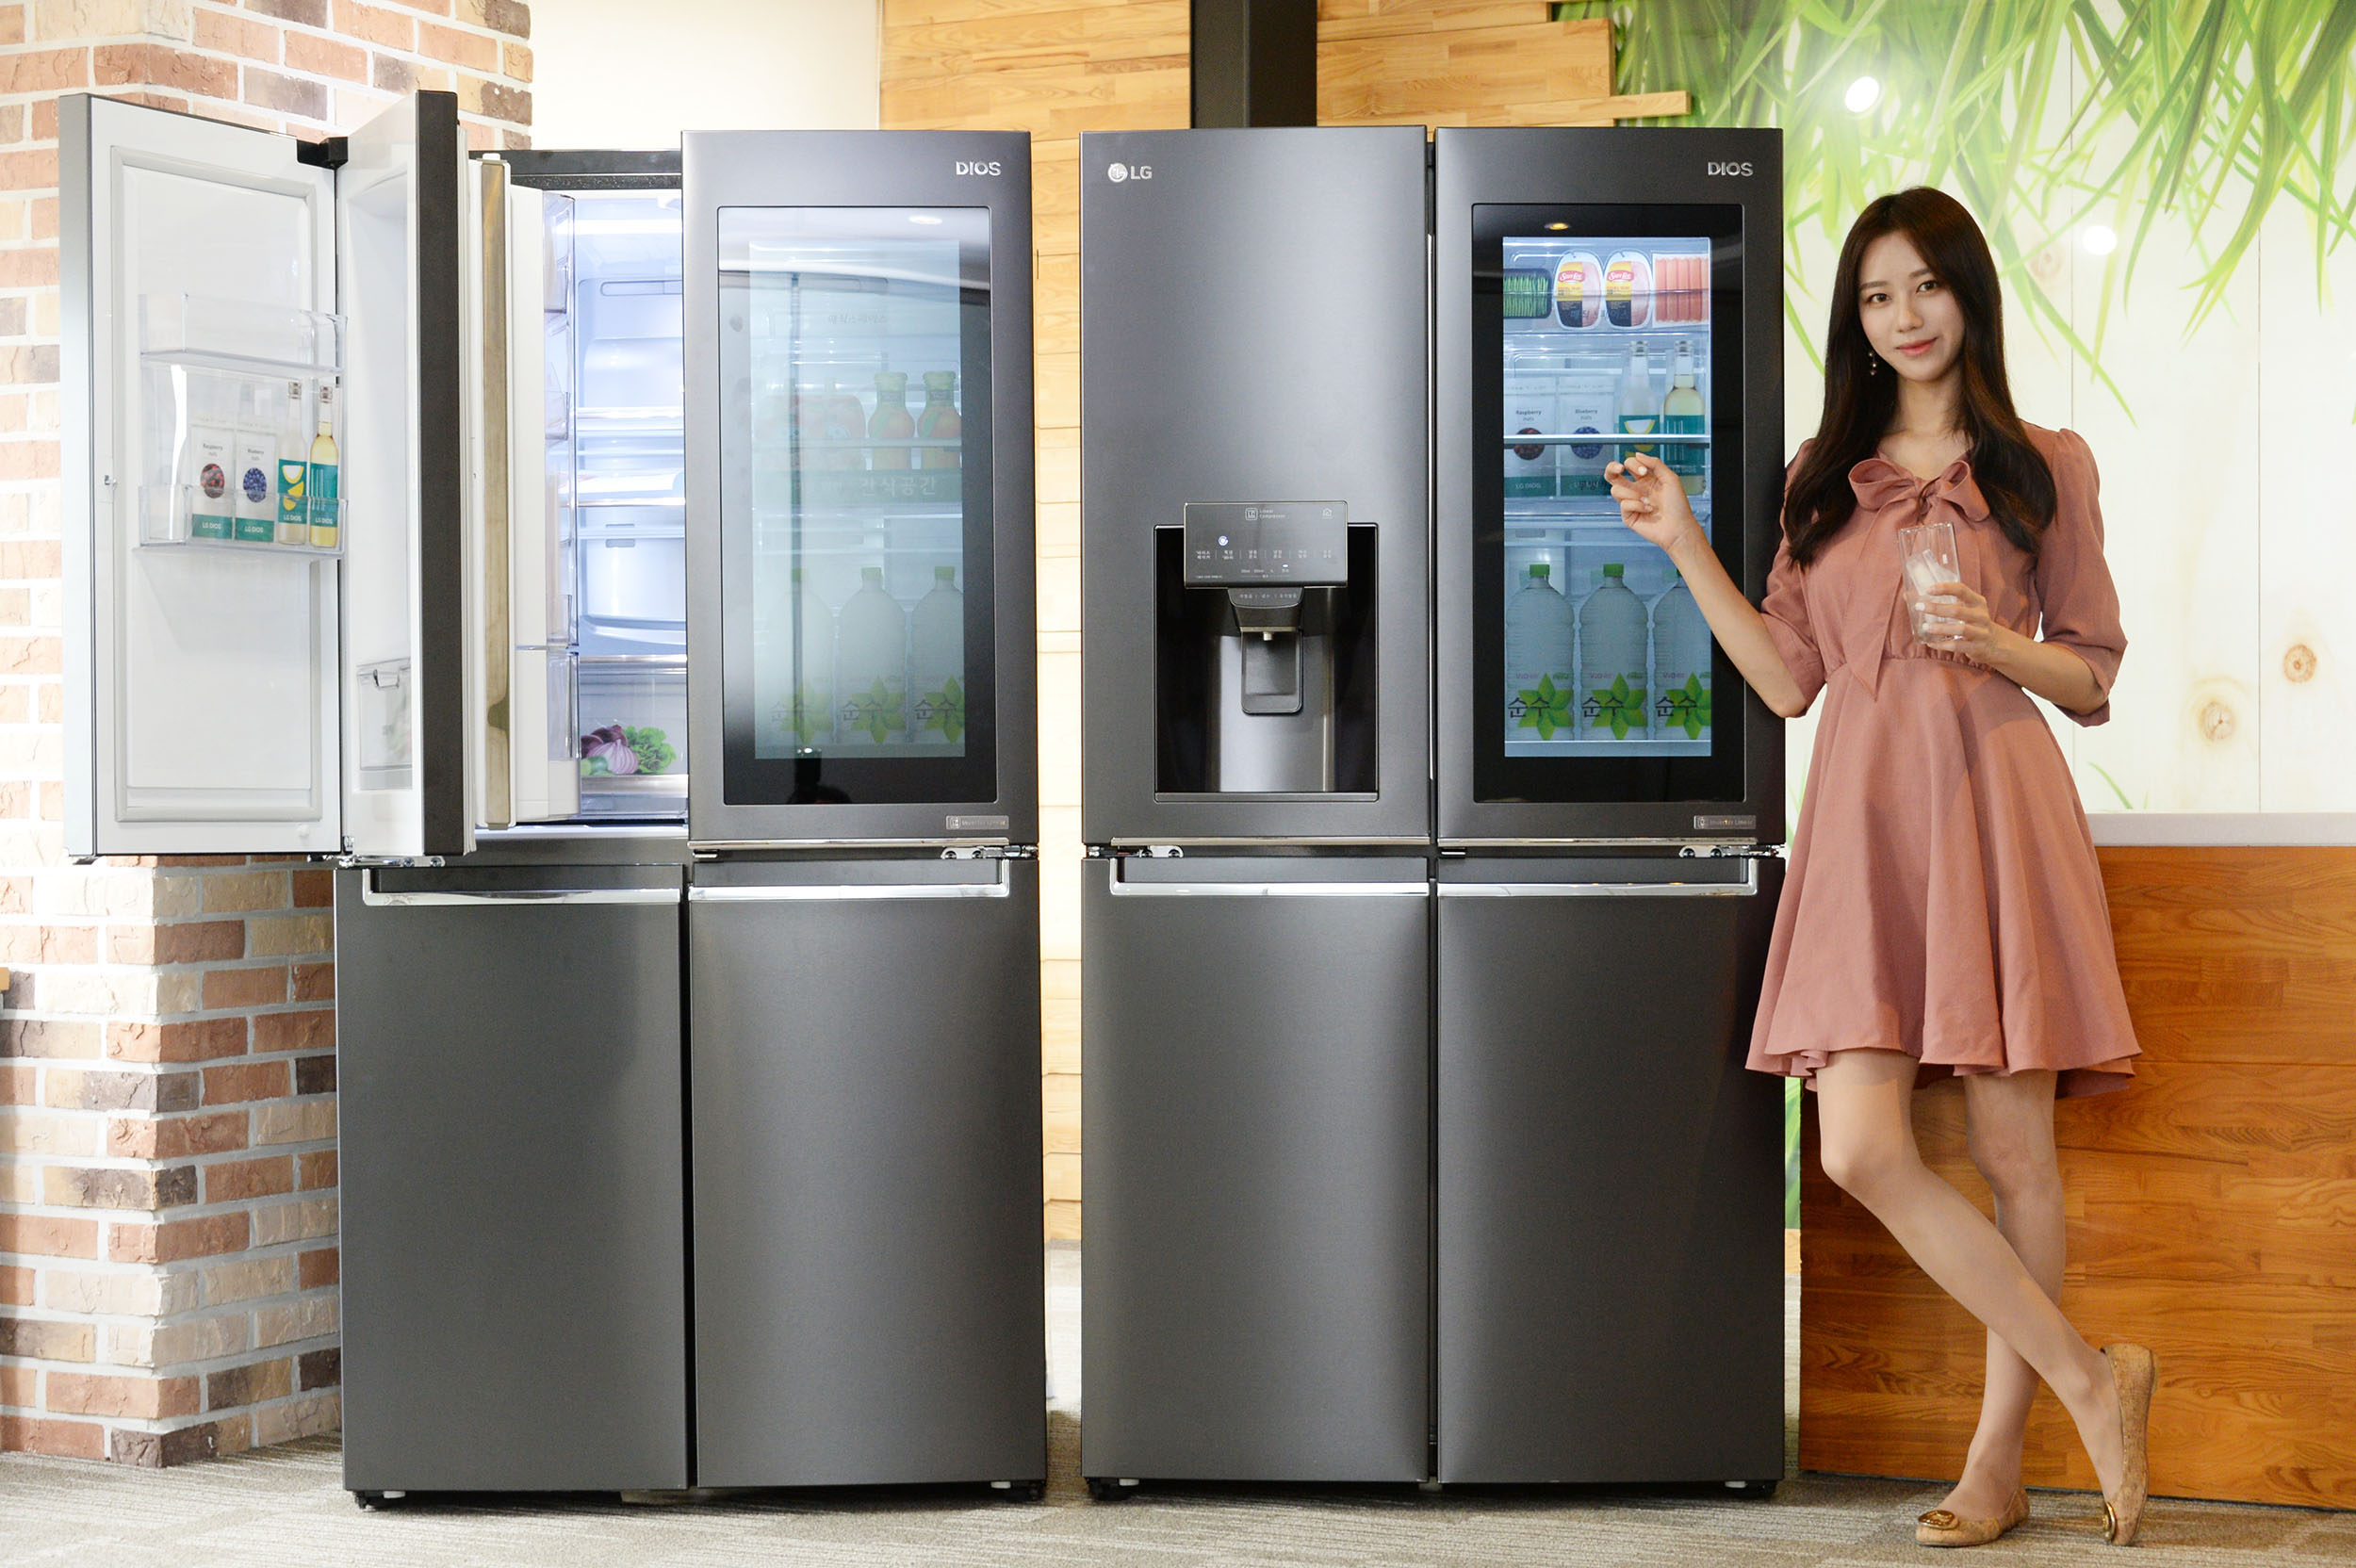 LG 프리미엄 냉장고 라인업에 '노크온 매직스페이스' 확대 적용